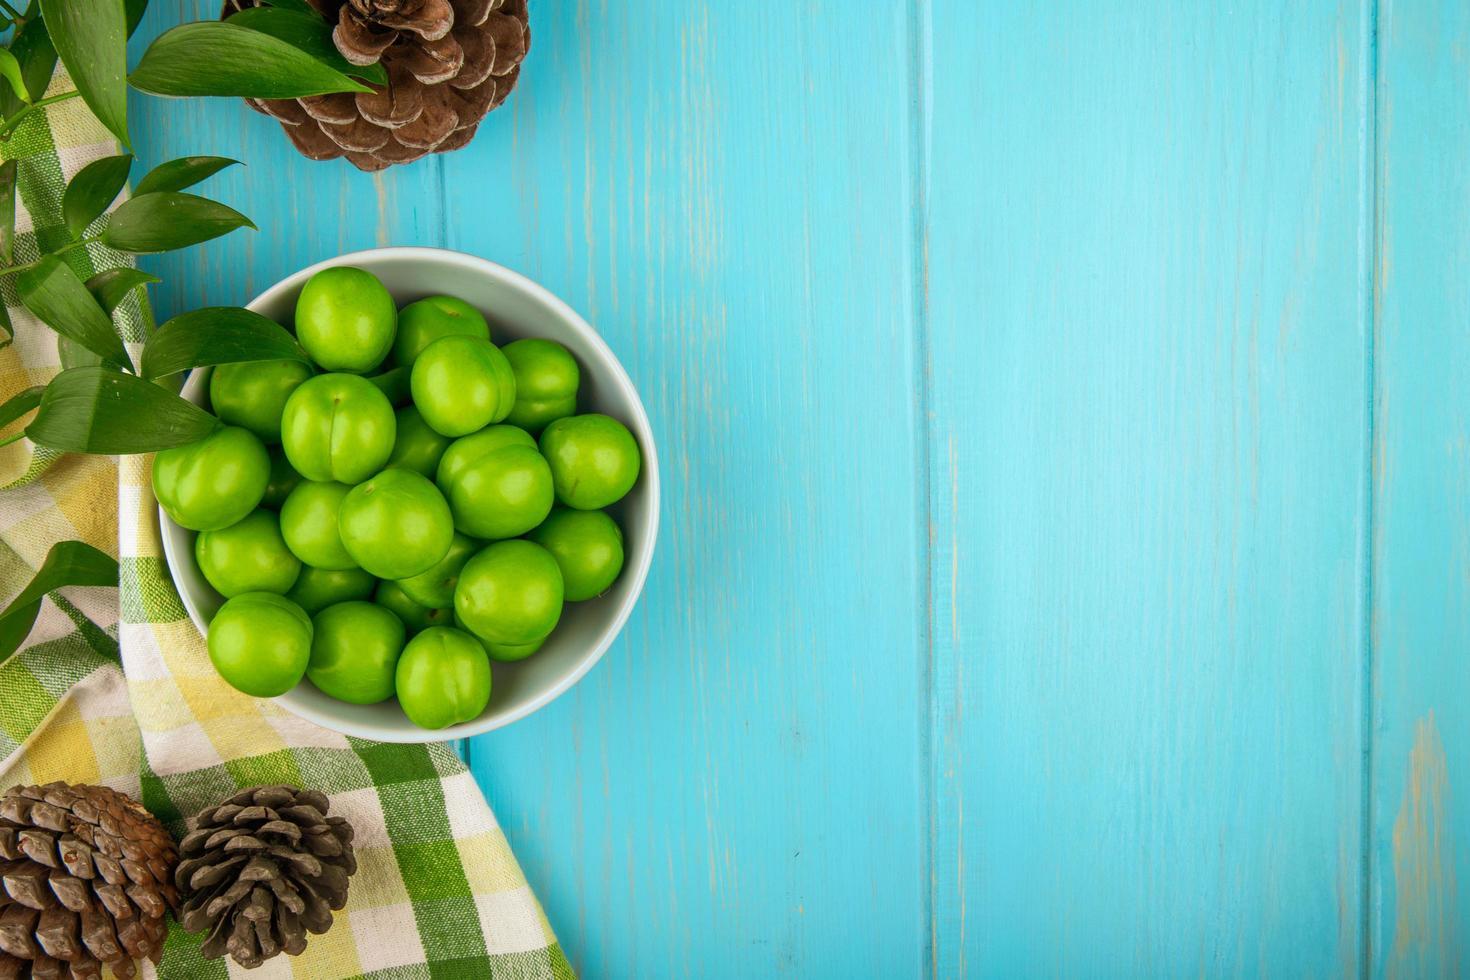 Vue de dessus des prunes vertes aigres et pommes de pin sur fond bleu photo